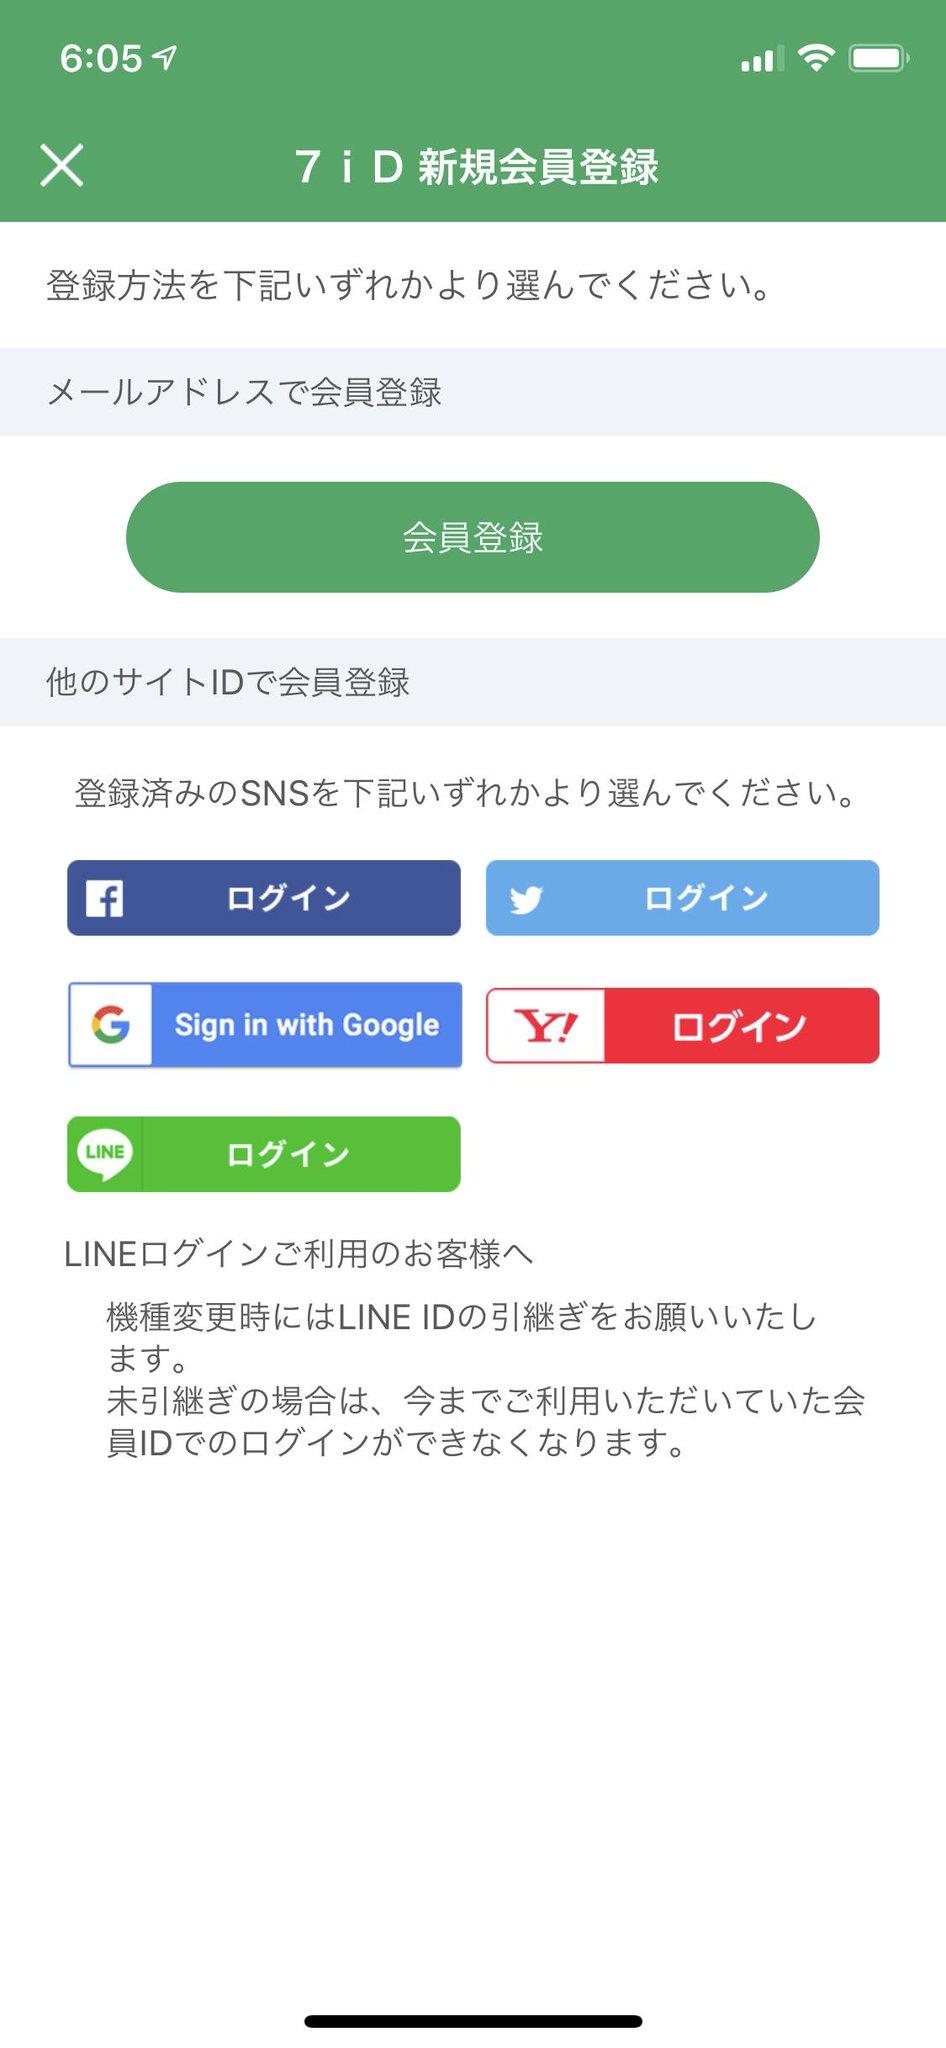 画像,7payのアプリ、新規会員登録は、生年月日なしで登録できる。そうしている人も多いだろう。 https://t.co/OYTWVIgi5g…